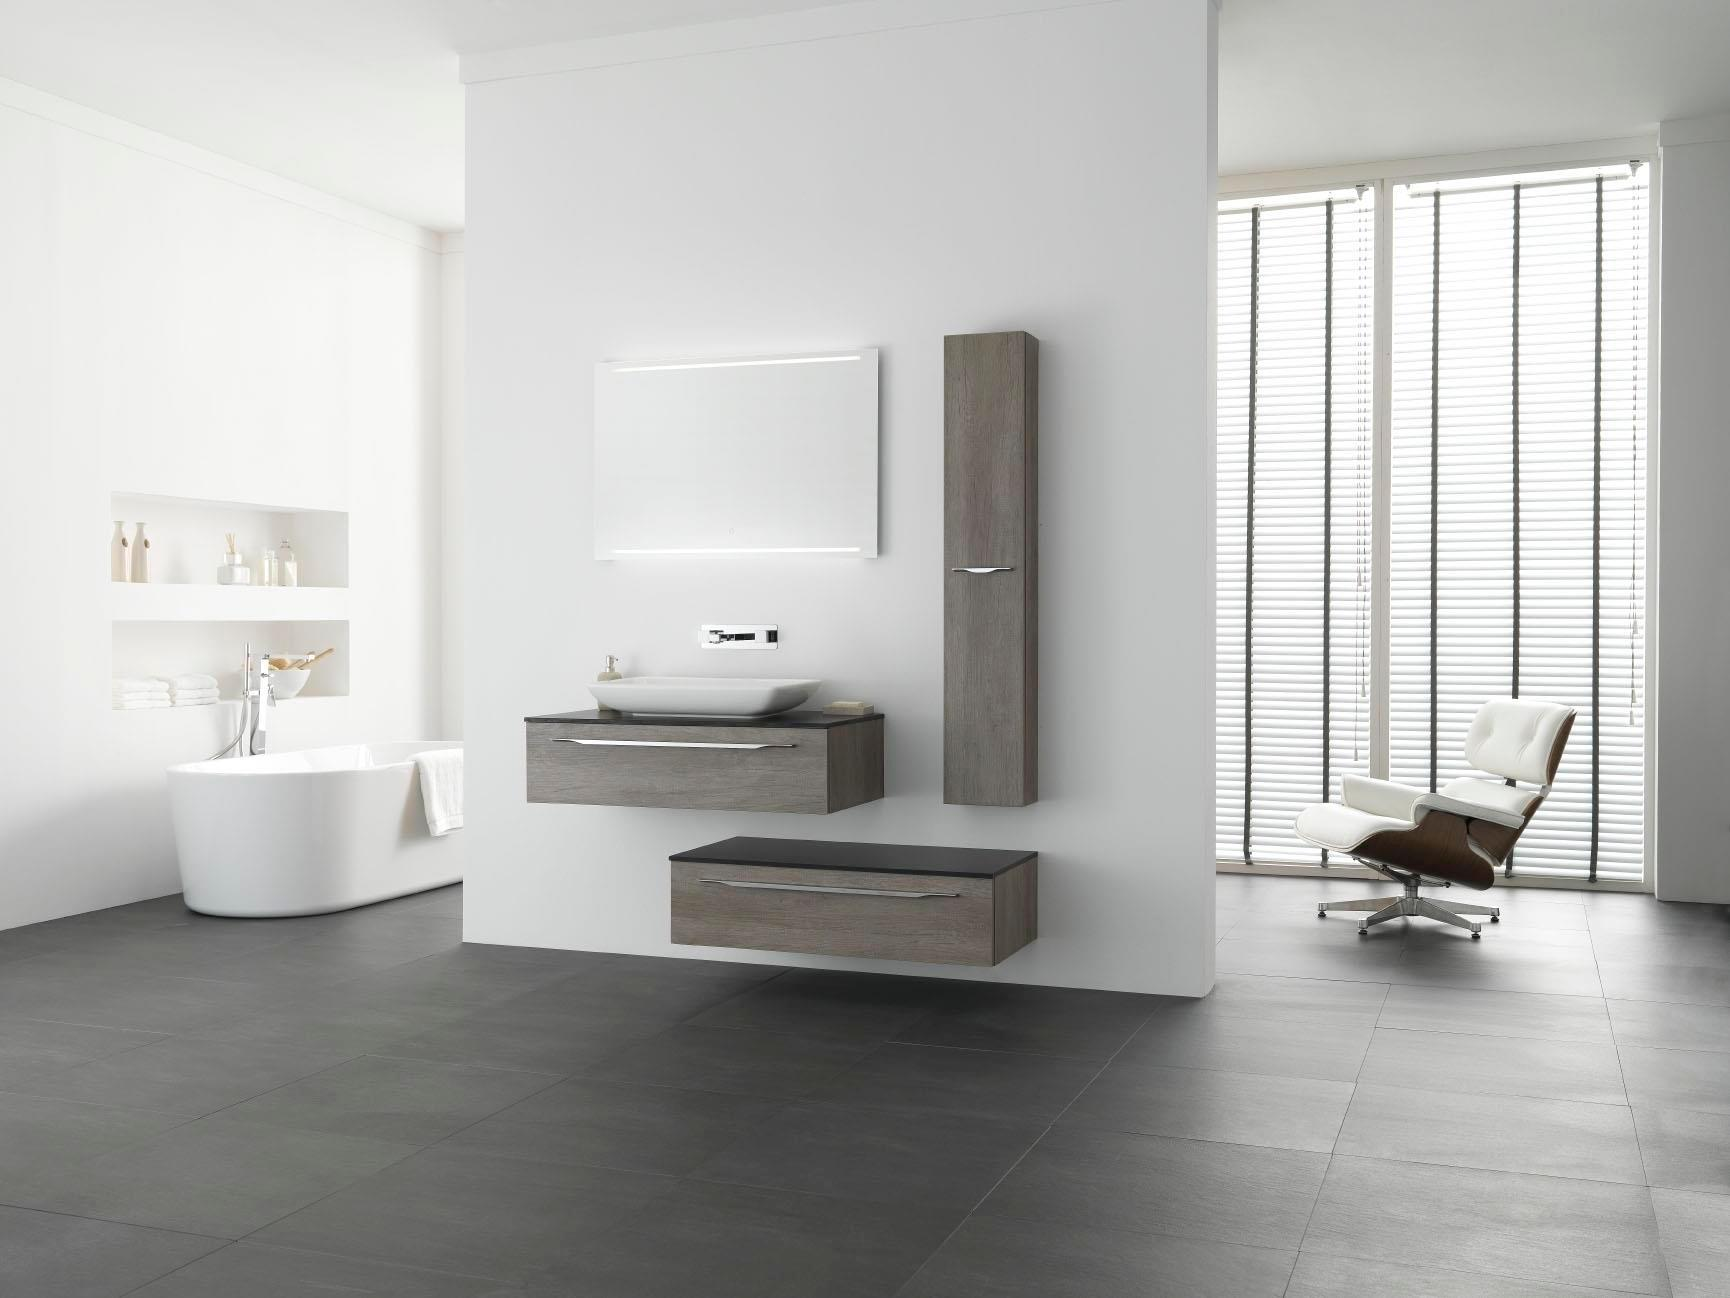 Badezimmer Unterschrank • Bilder & Ideen • COUCH